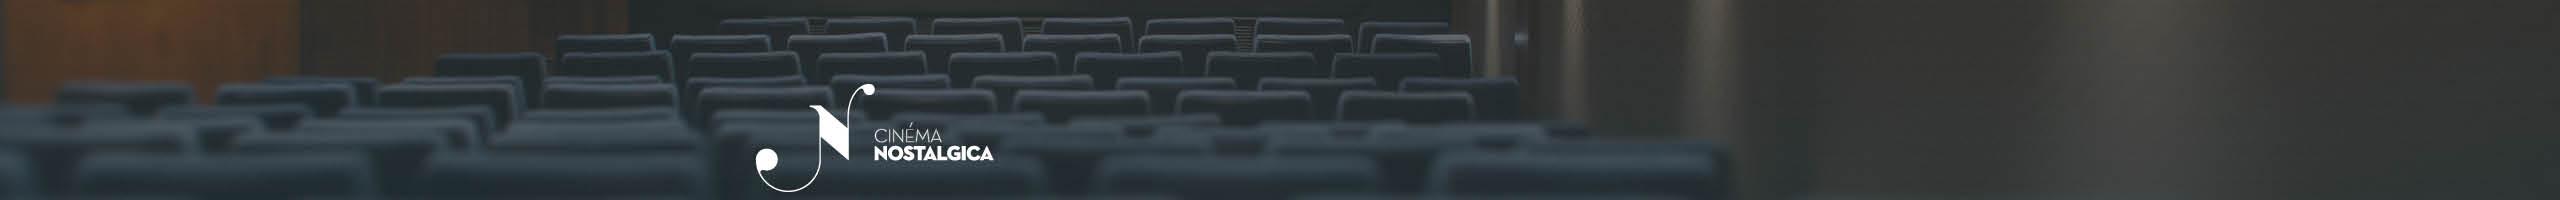 Cinéma Nostalgica